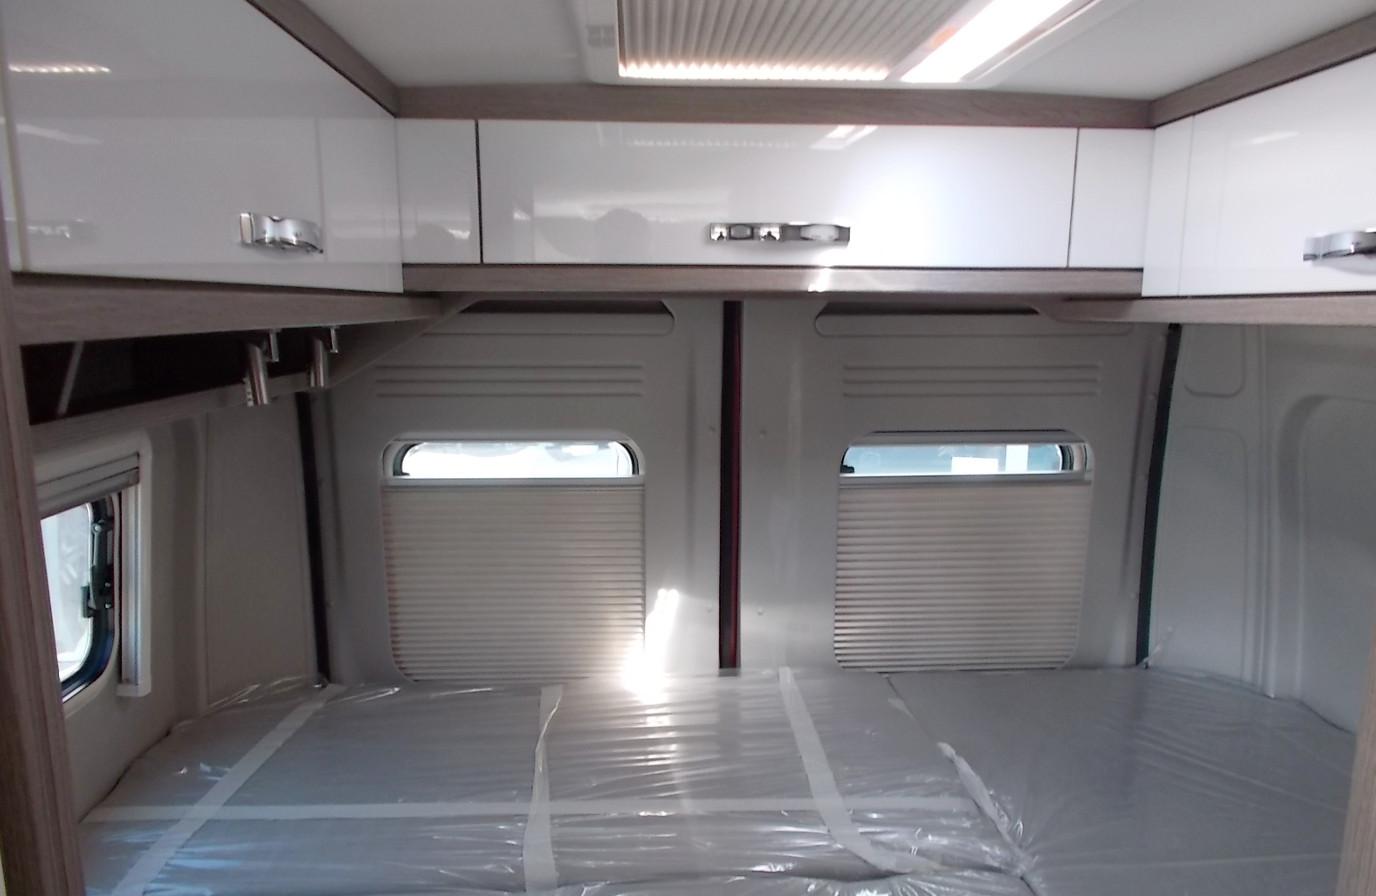 Wohnmobil mieten - PÖSSL 2WIN Plus Stauraum über dem Schlafplatz